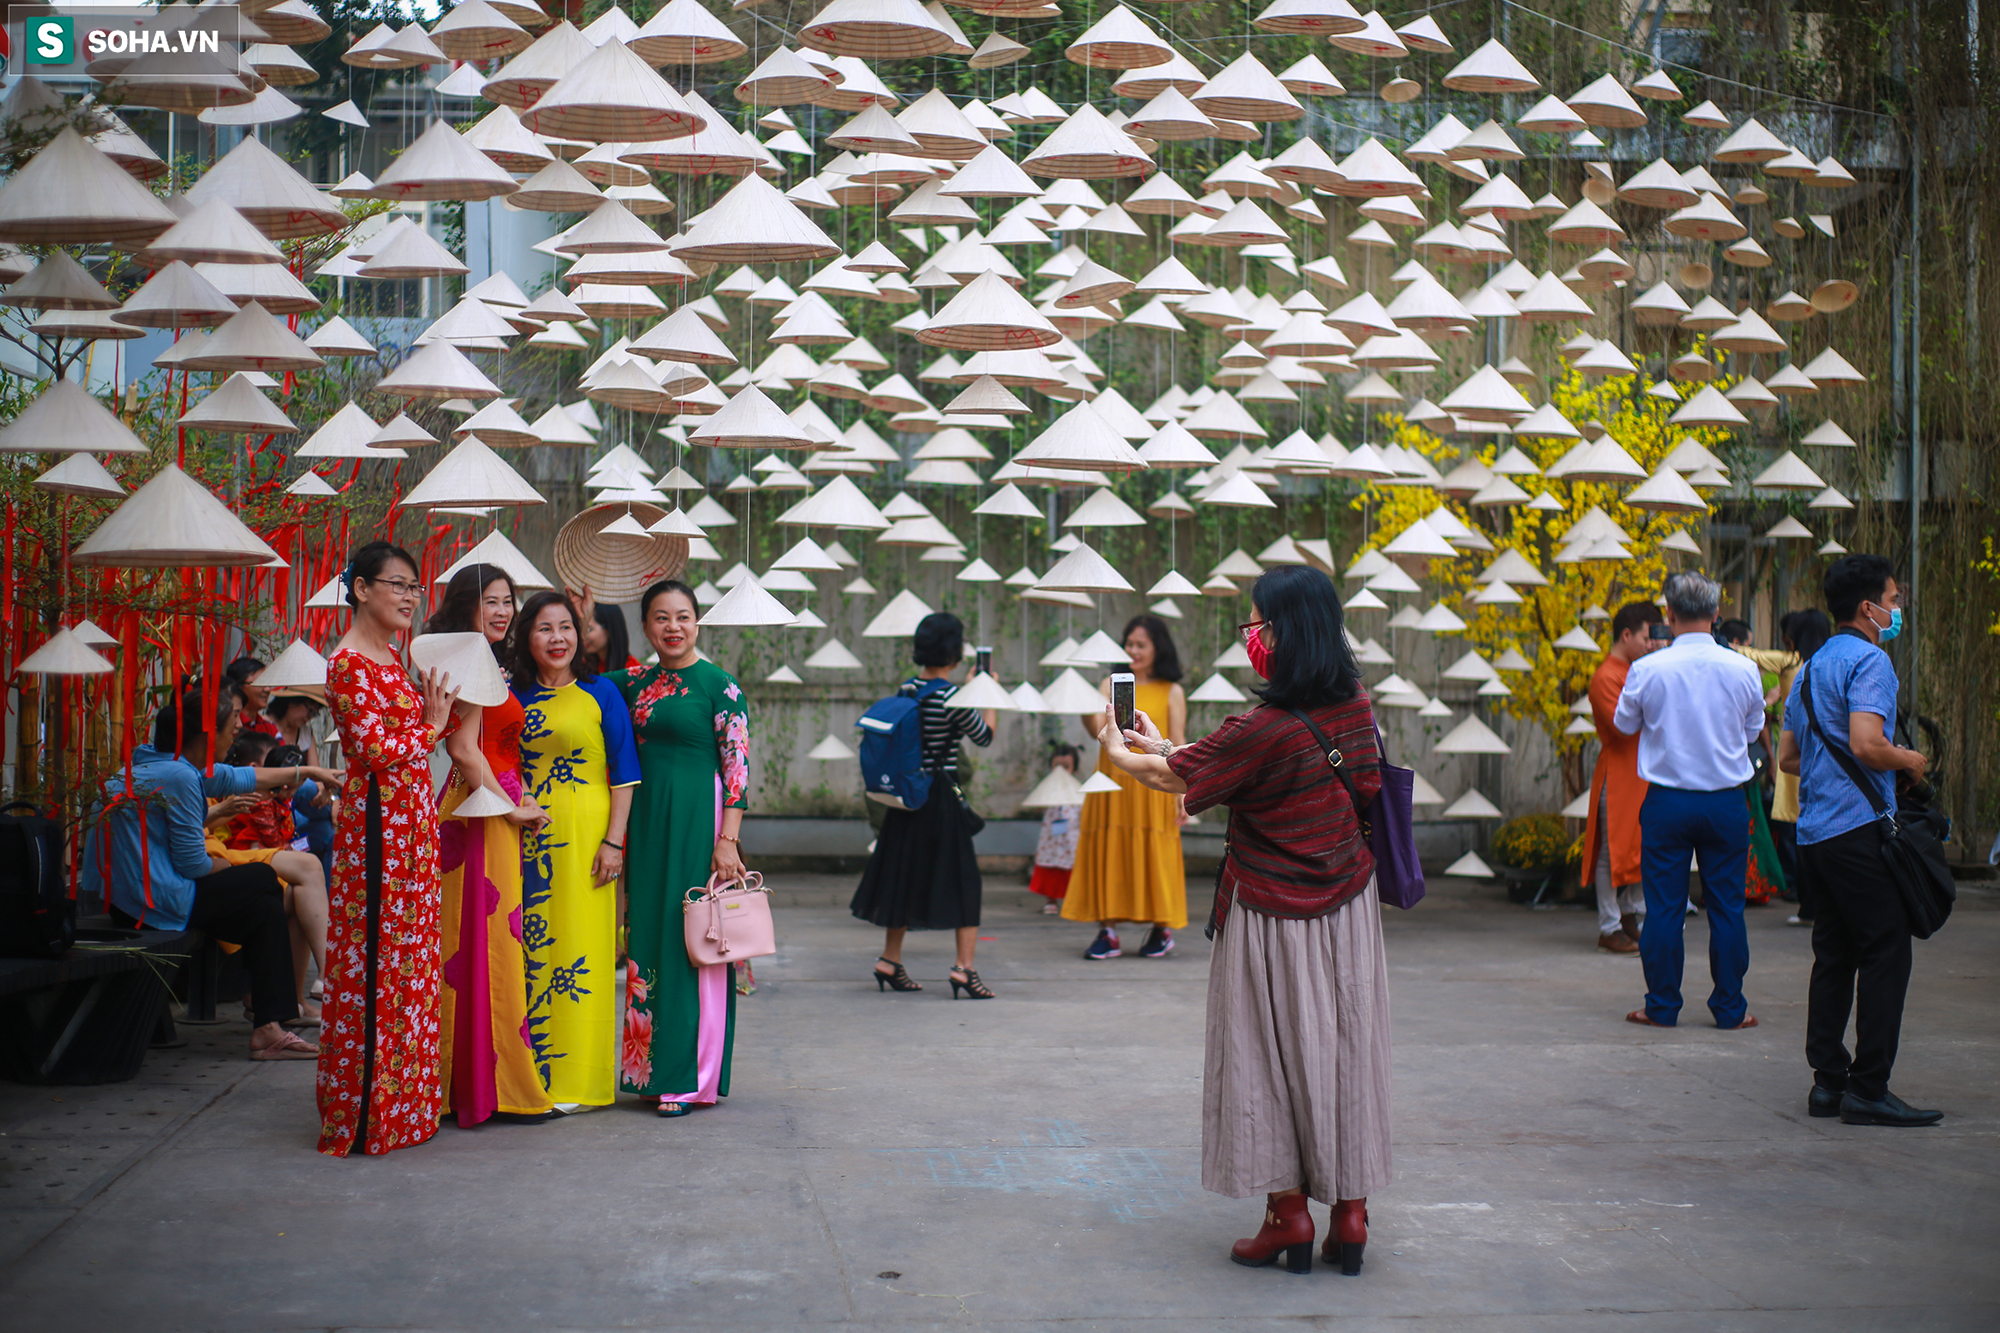 [Ảnh] Thiếu nữ Sài Gòn xinh đẹp xúng xính áo dài check-in sống ảo ở con đường hoa mai - Ảnh 11.